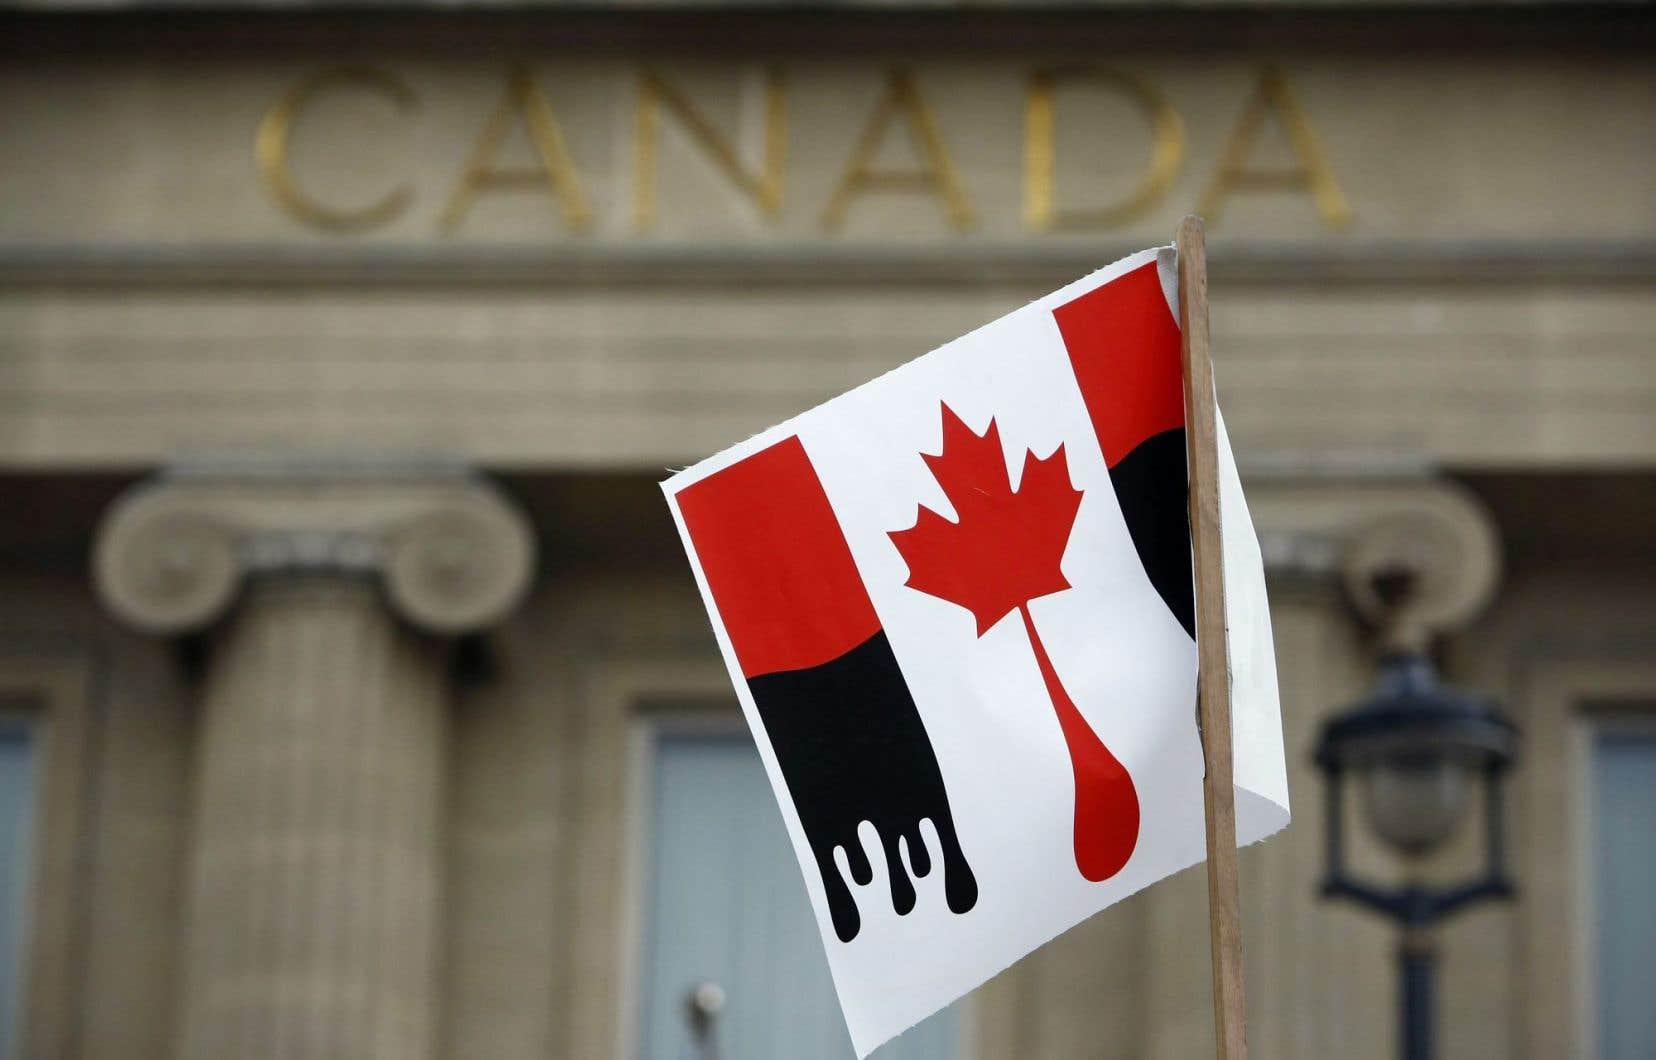 À cause des règles européennes sur les émissions de gaz à effet de serre, les importations de pétrole canadien deviendraient très peu attirantes pour les raffineries européennes.